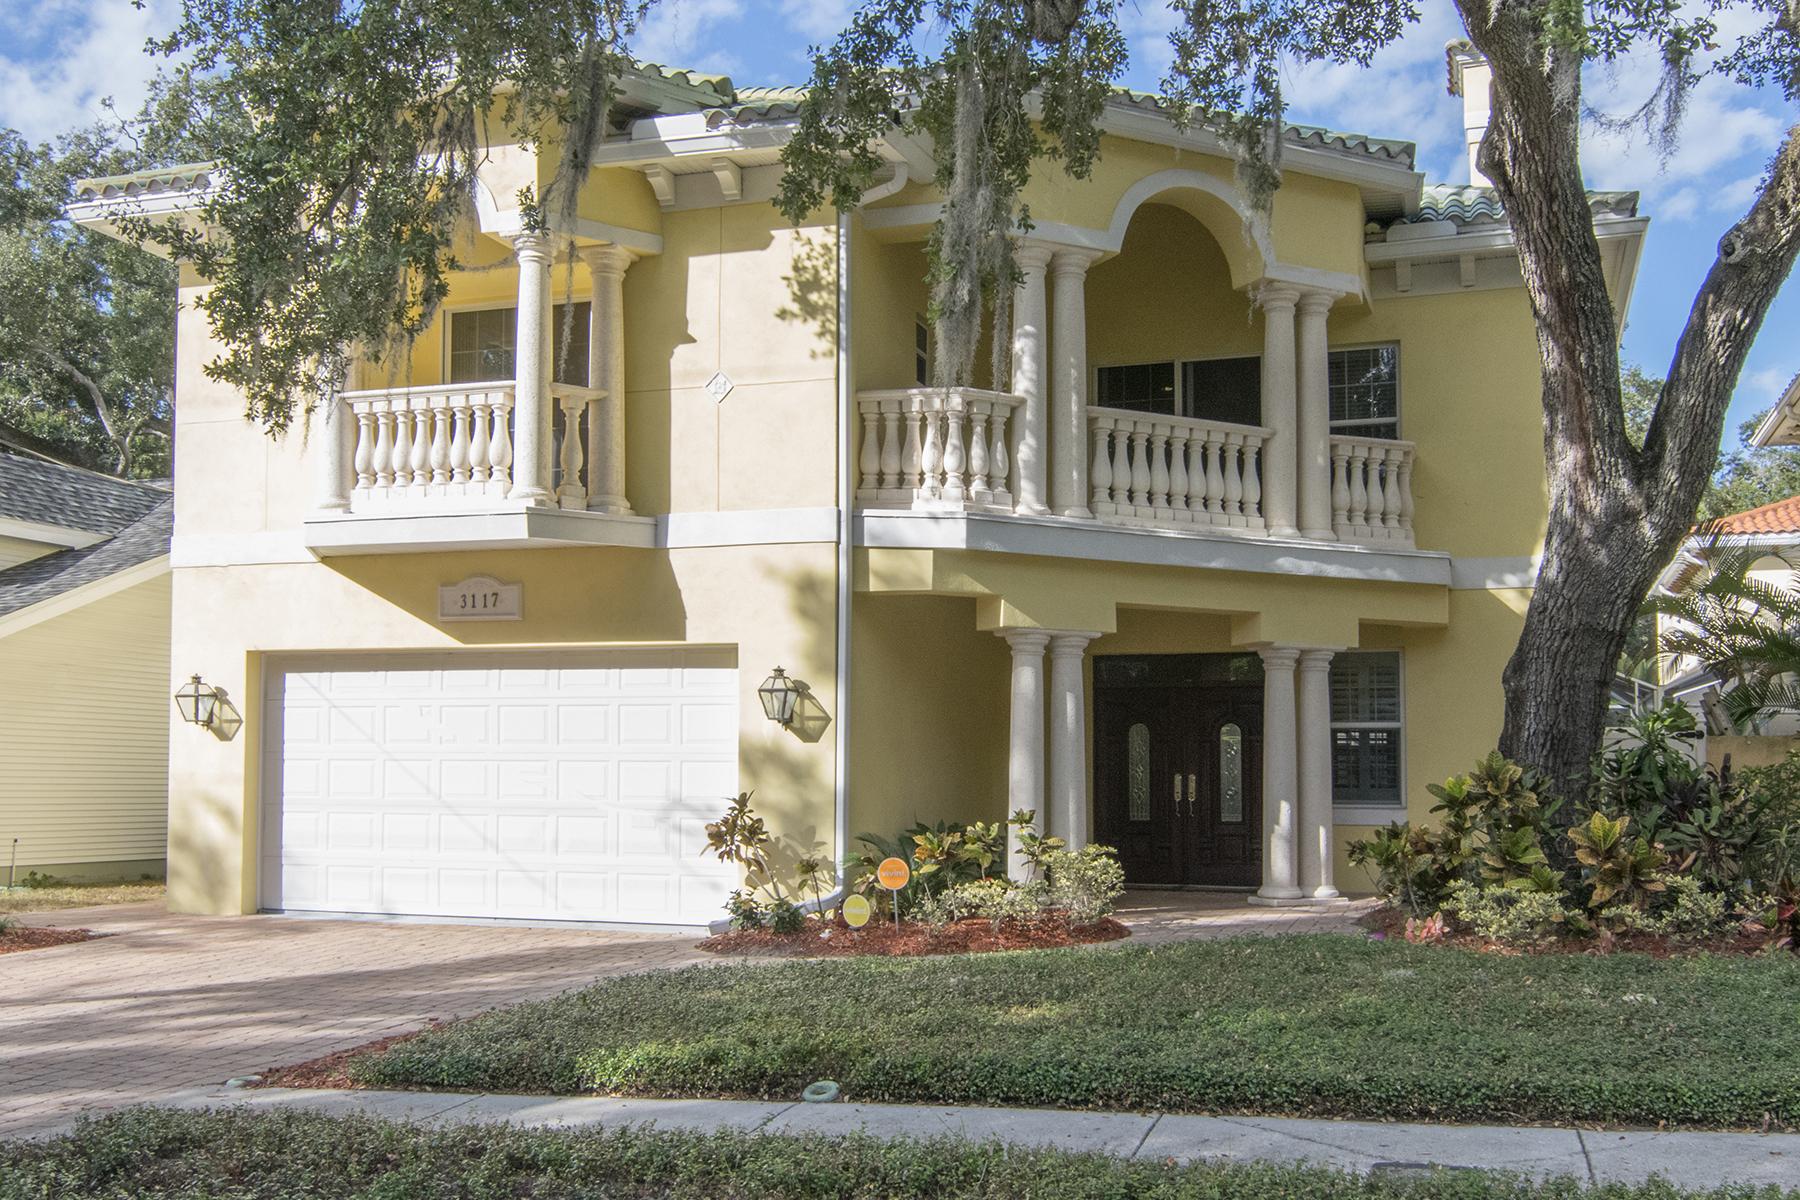 Casa Unifamiliar por un Venta en SOUTH TAMPA 3117 W Villa Rosa St Tampa, Florida, 33611 Estados Unidos